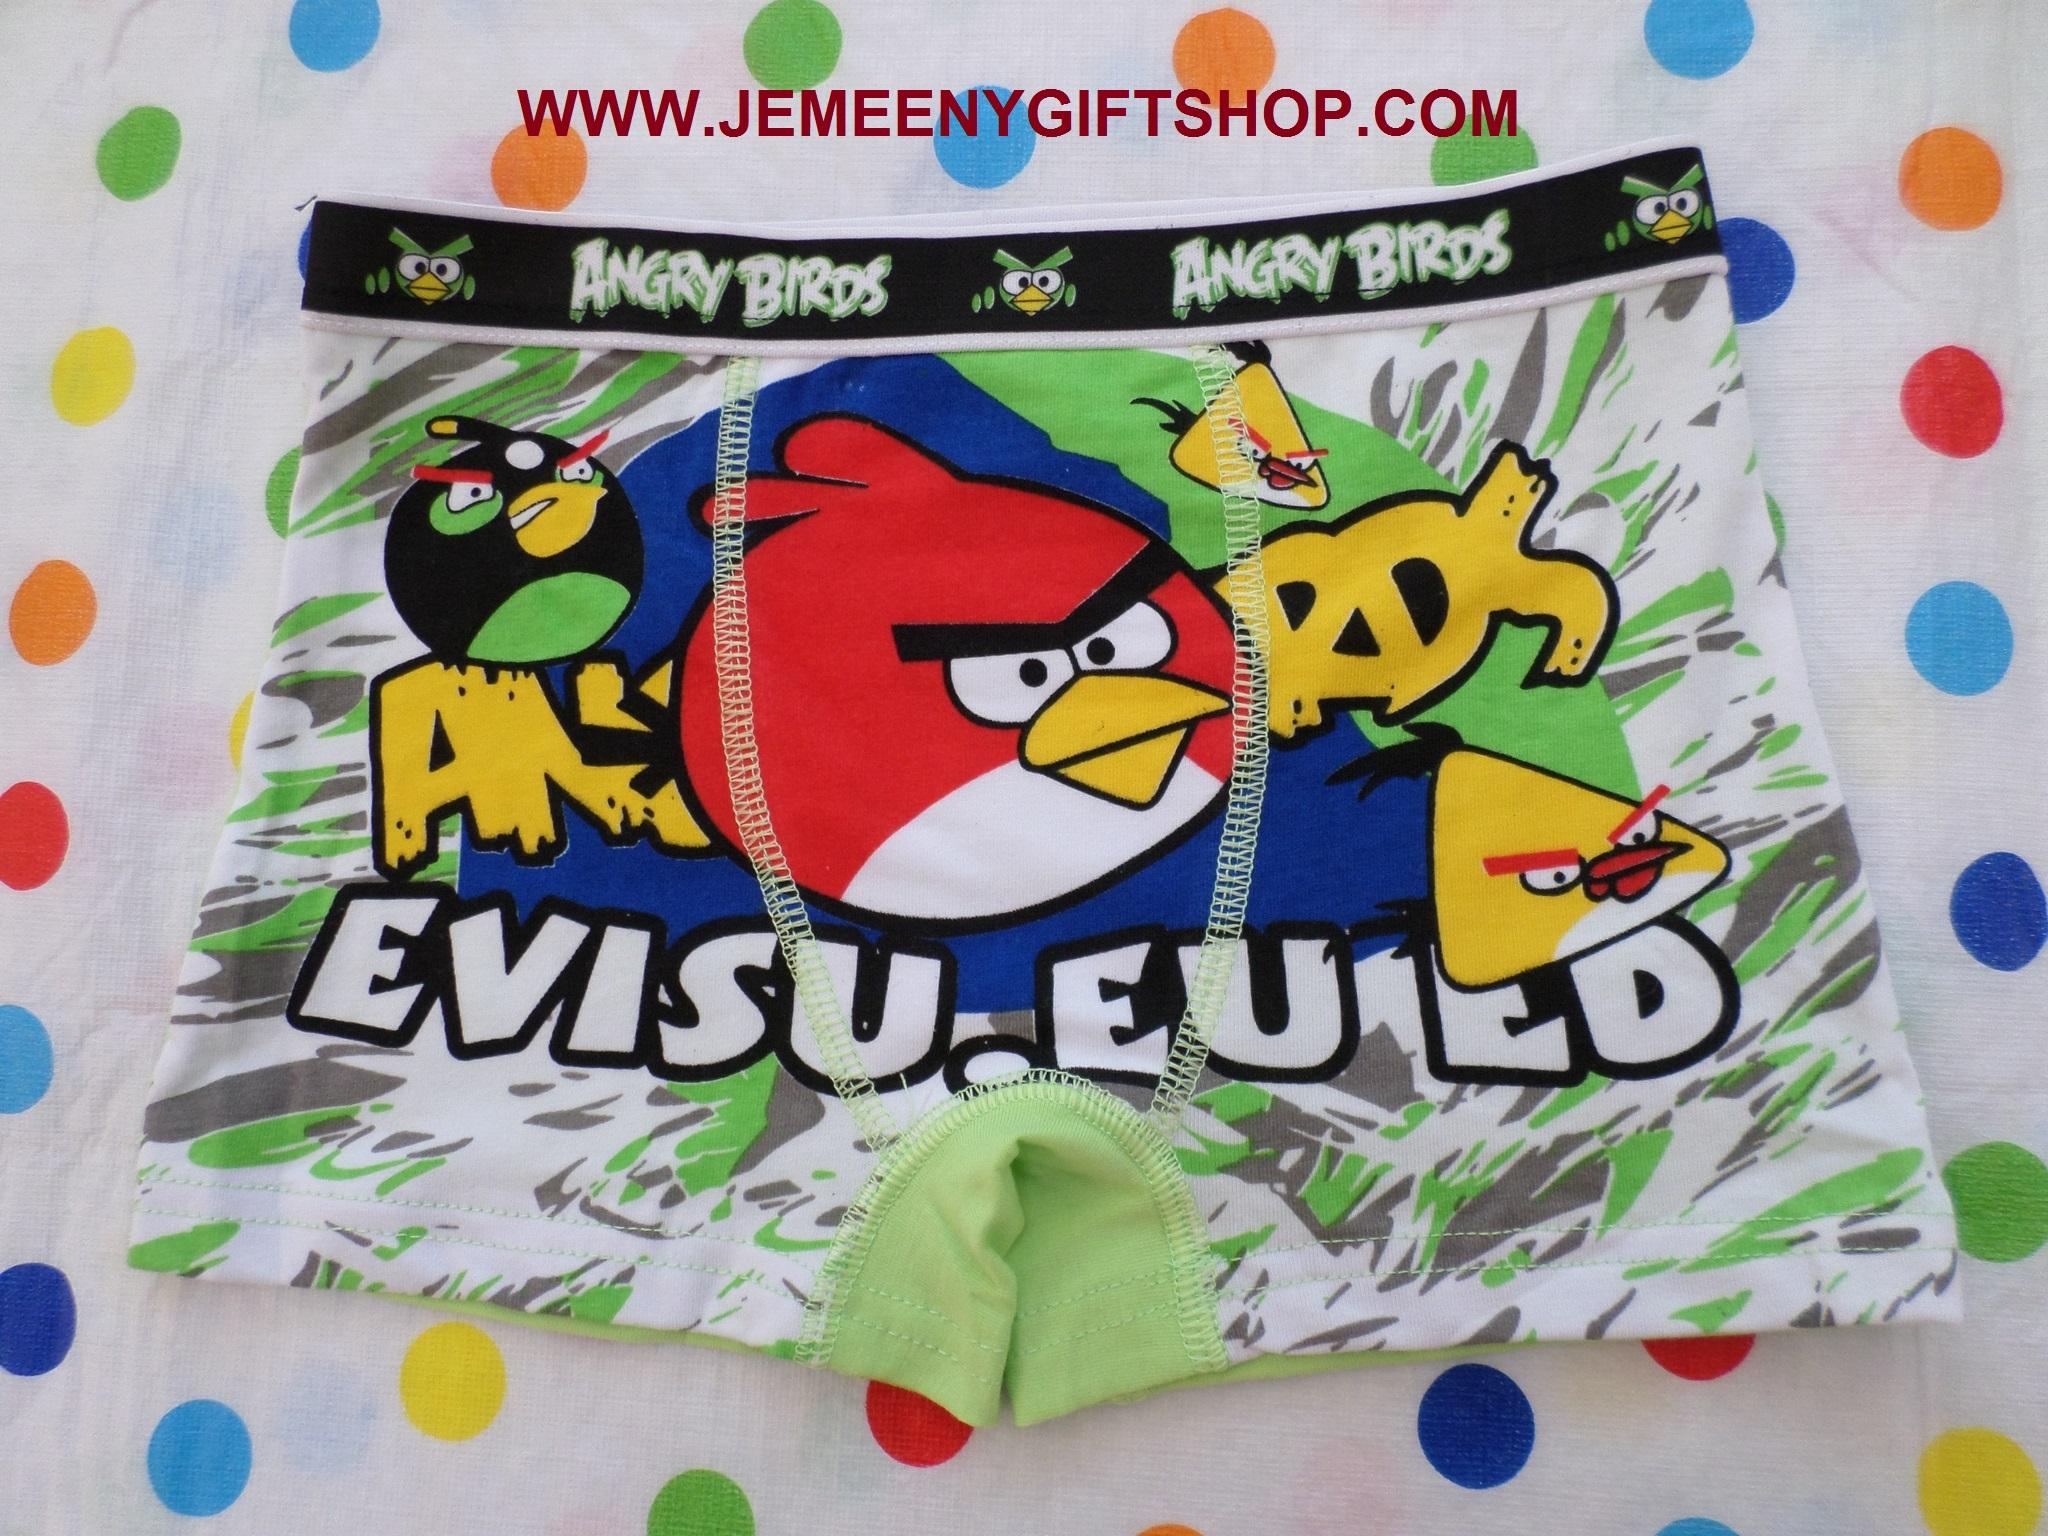 กางเกงชั้นในเด็กผู้ชาย แบบขาสั้น แองกี้เบิร์ด Angry bird